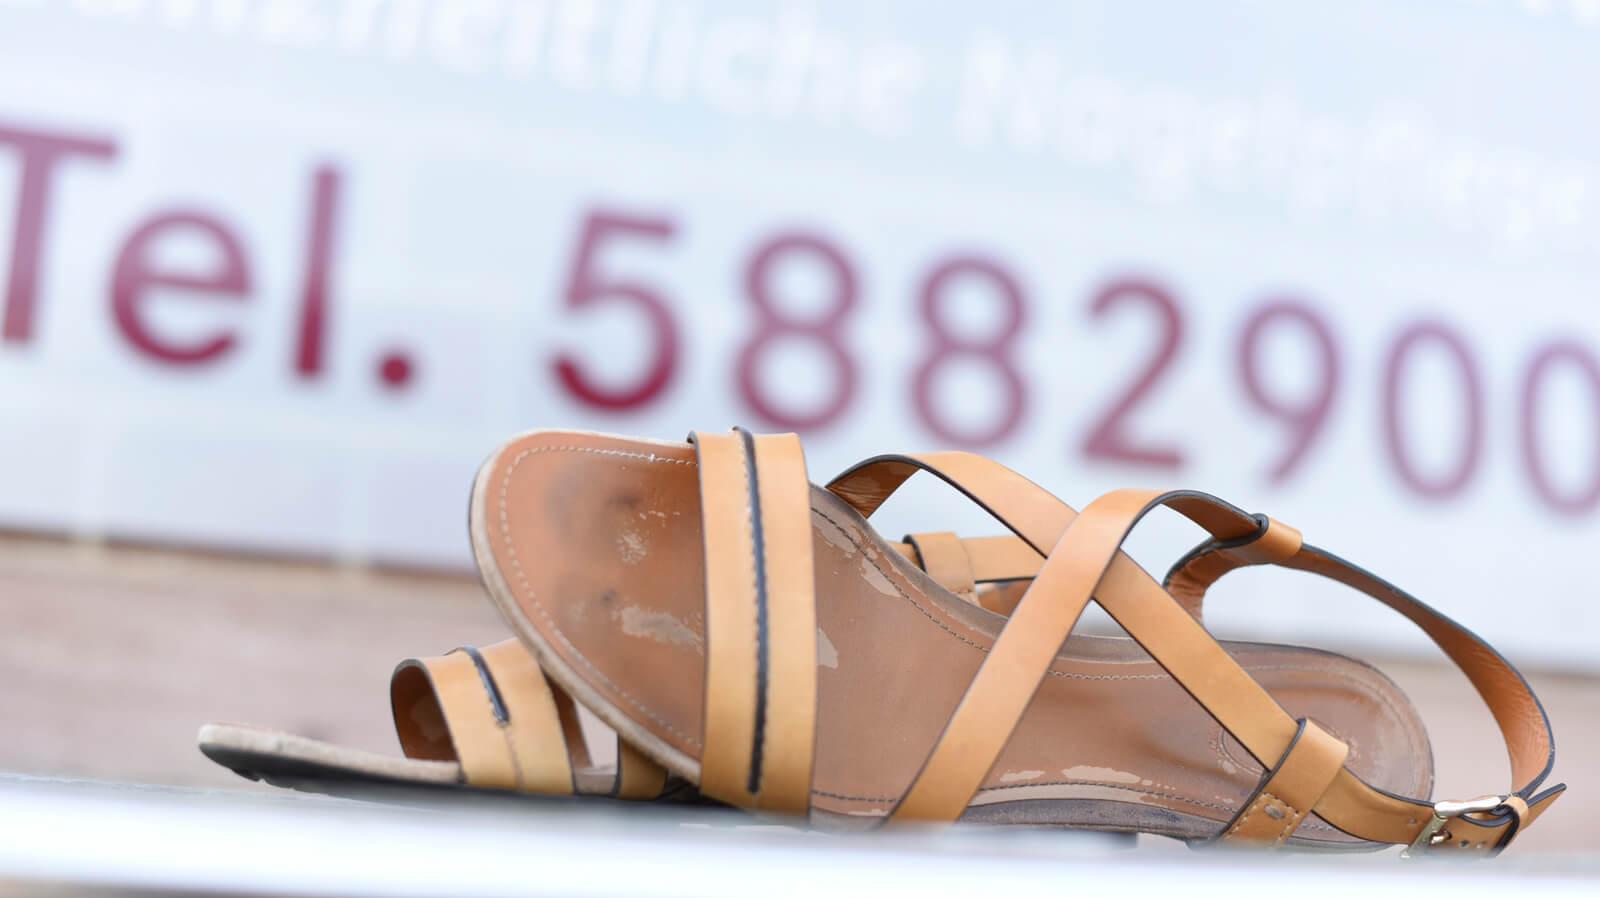 spitzengefühl in Nürnberg ist spezialisiert auf kosmetische Fußpflege.